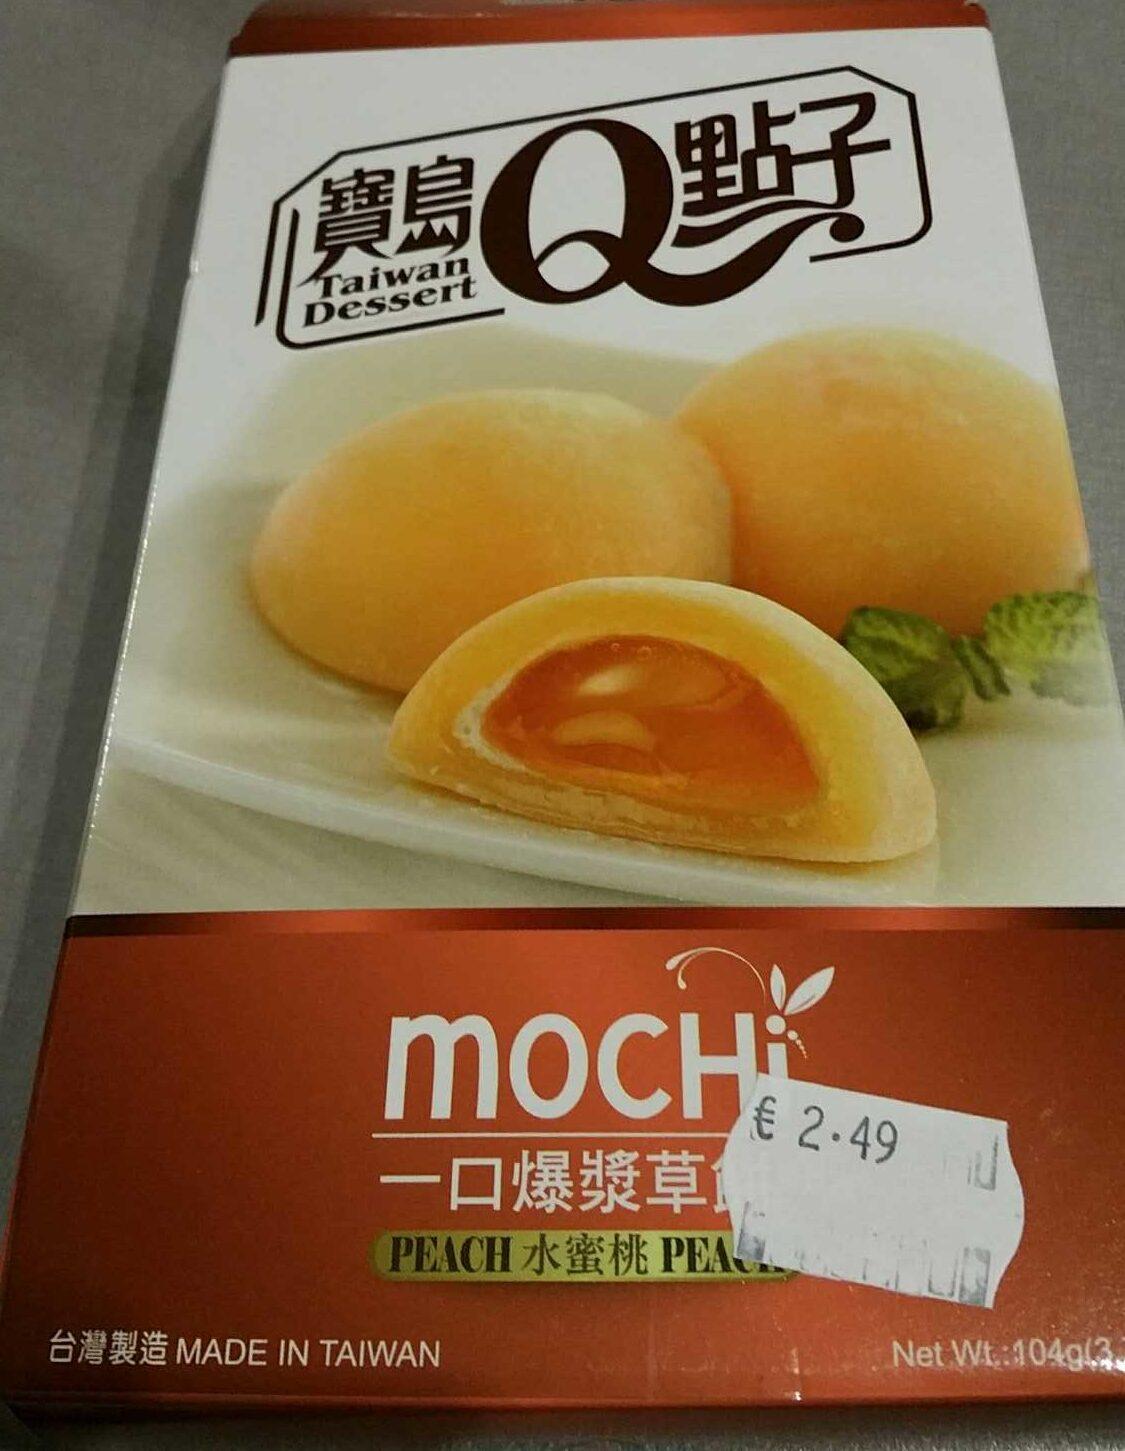 Japanischer Pfirsich Mochi / Reiskuchen 8 x 13g, 104g - Produit